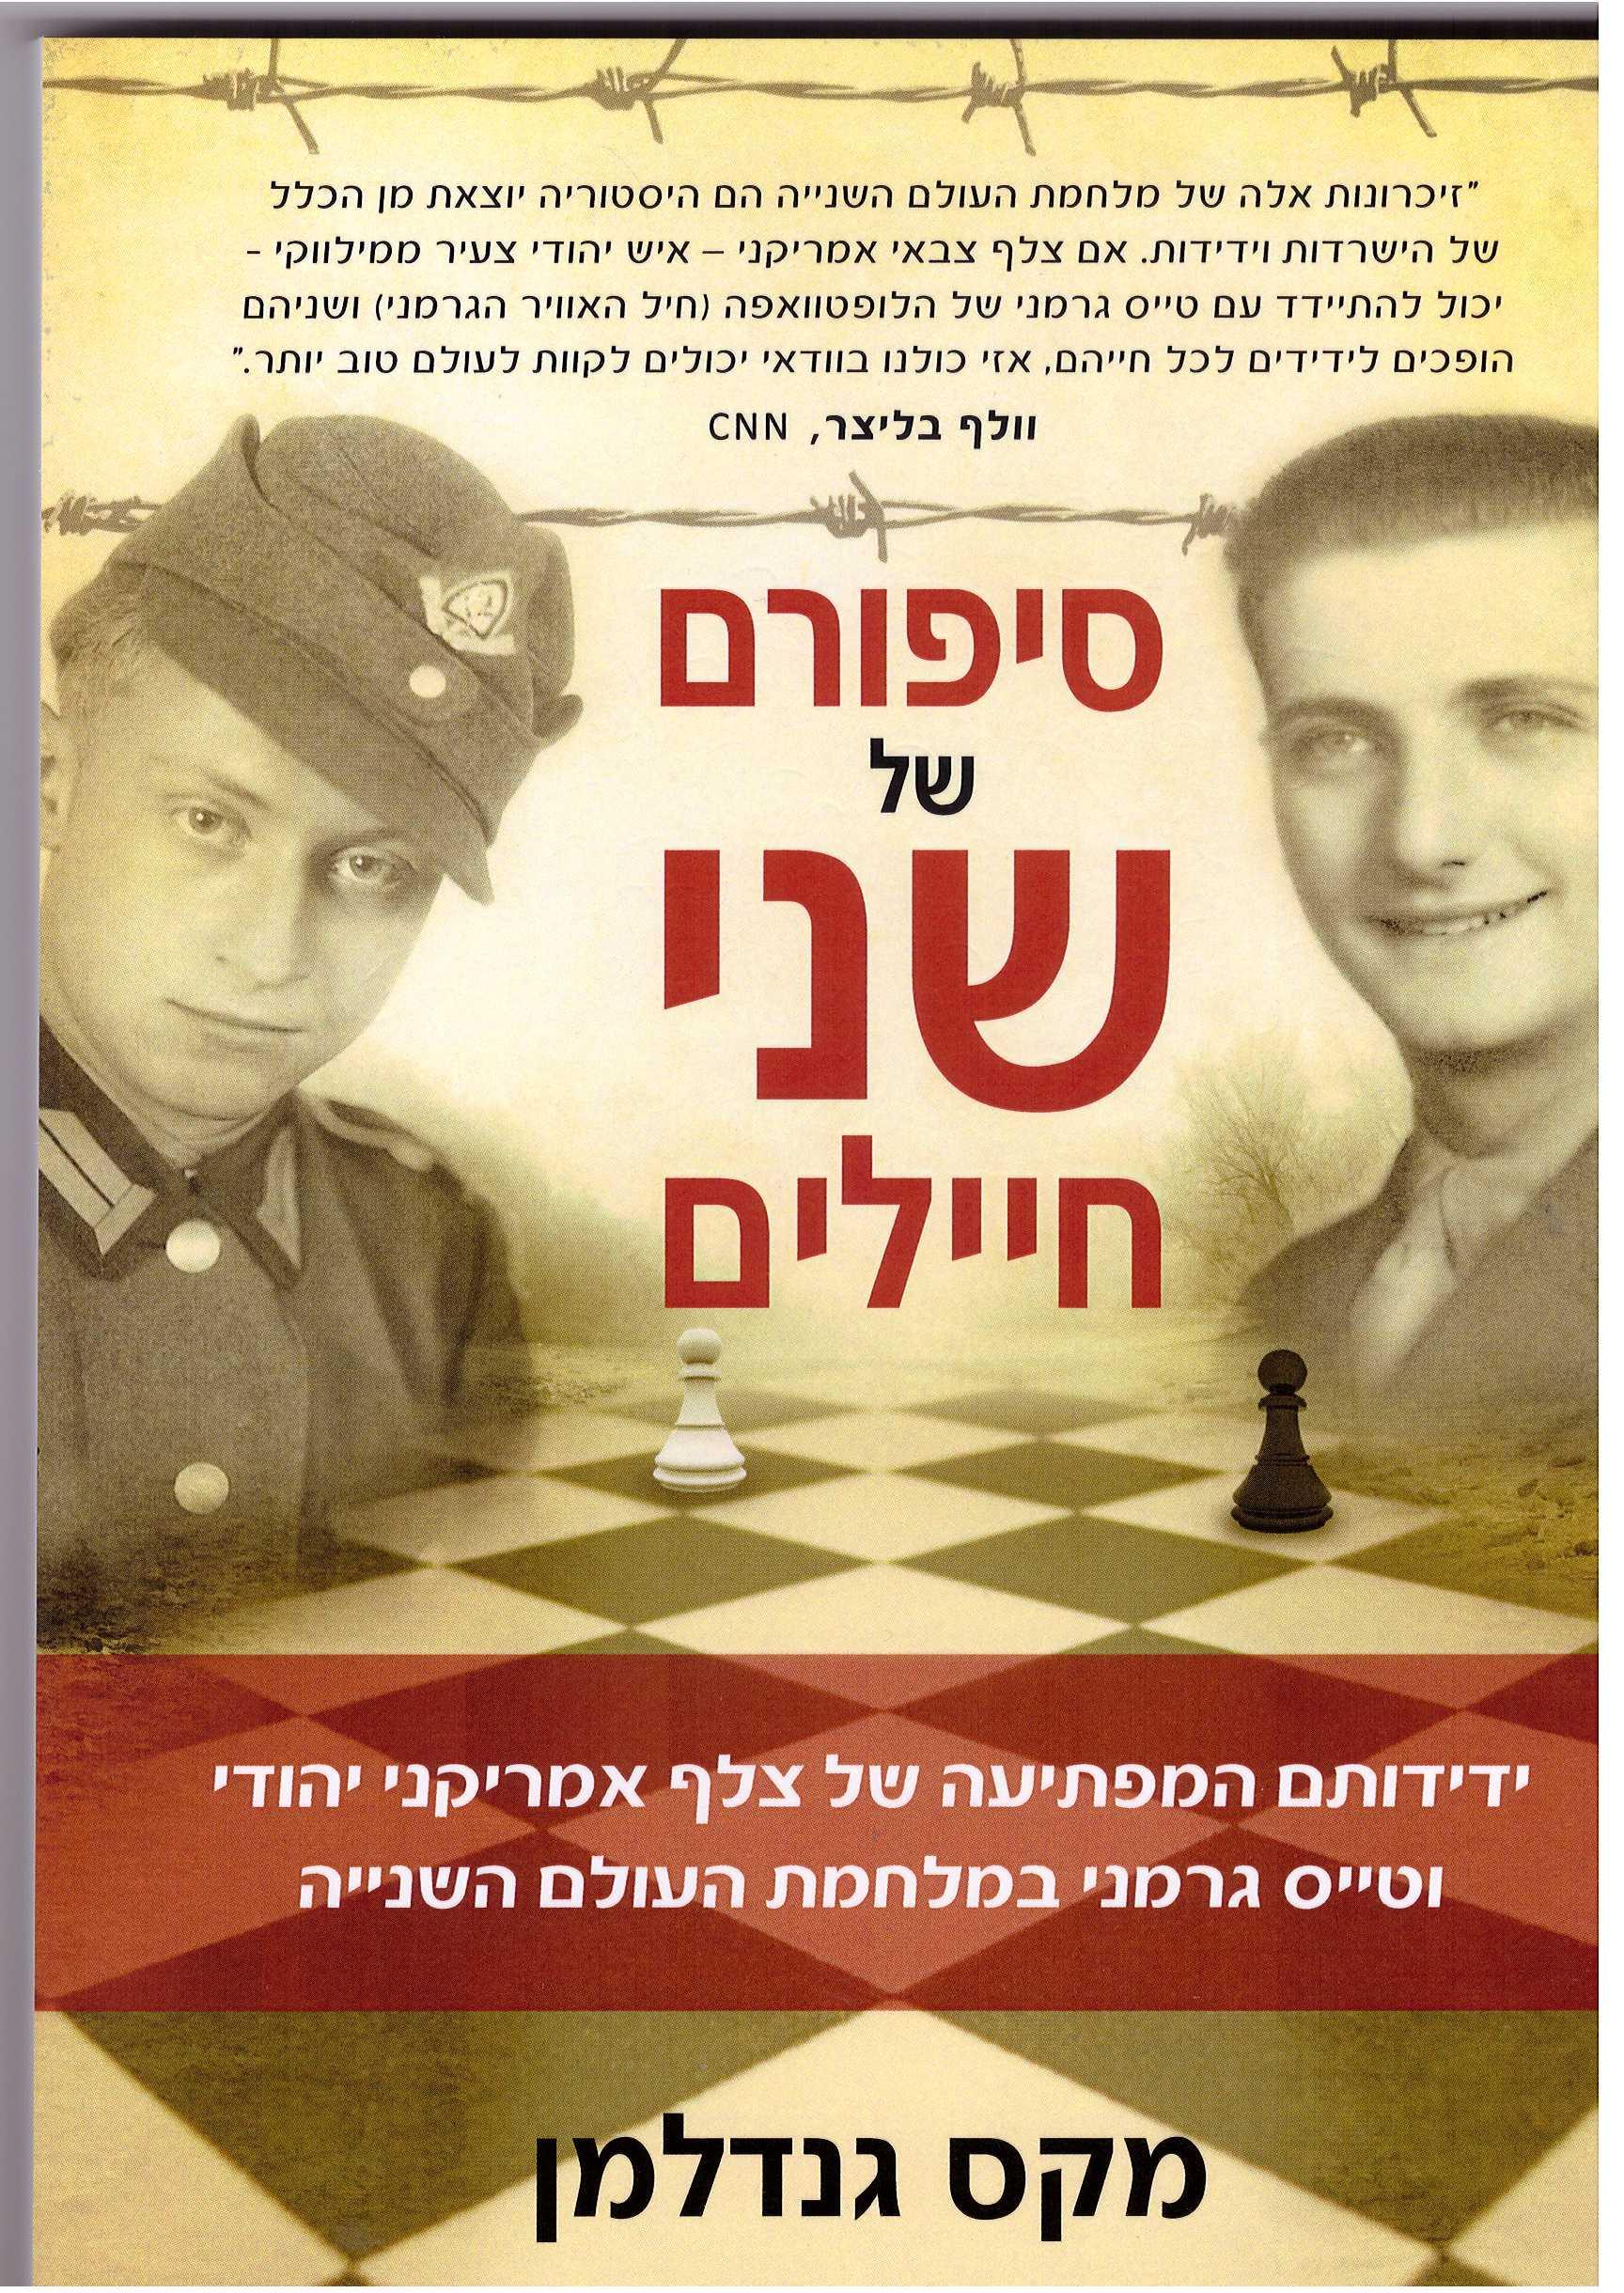 סיפורם של שני חיילים